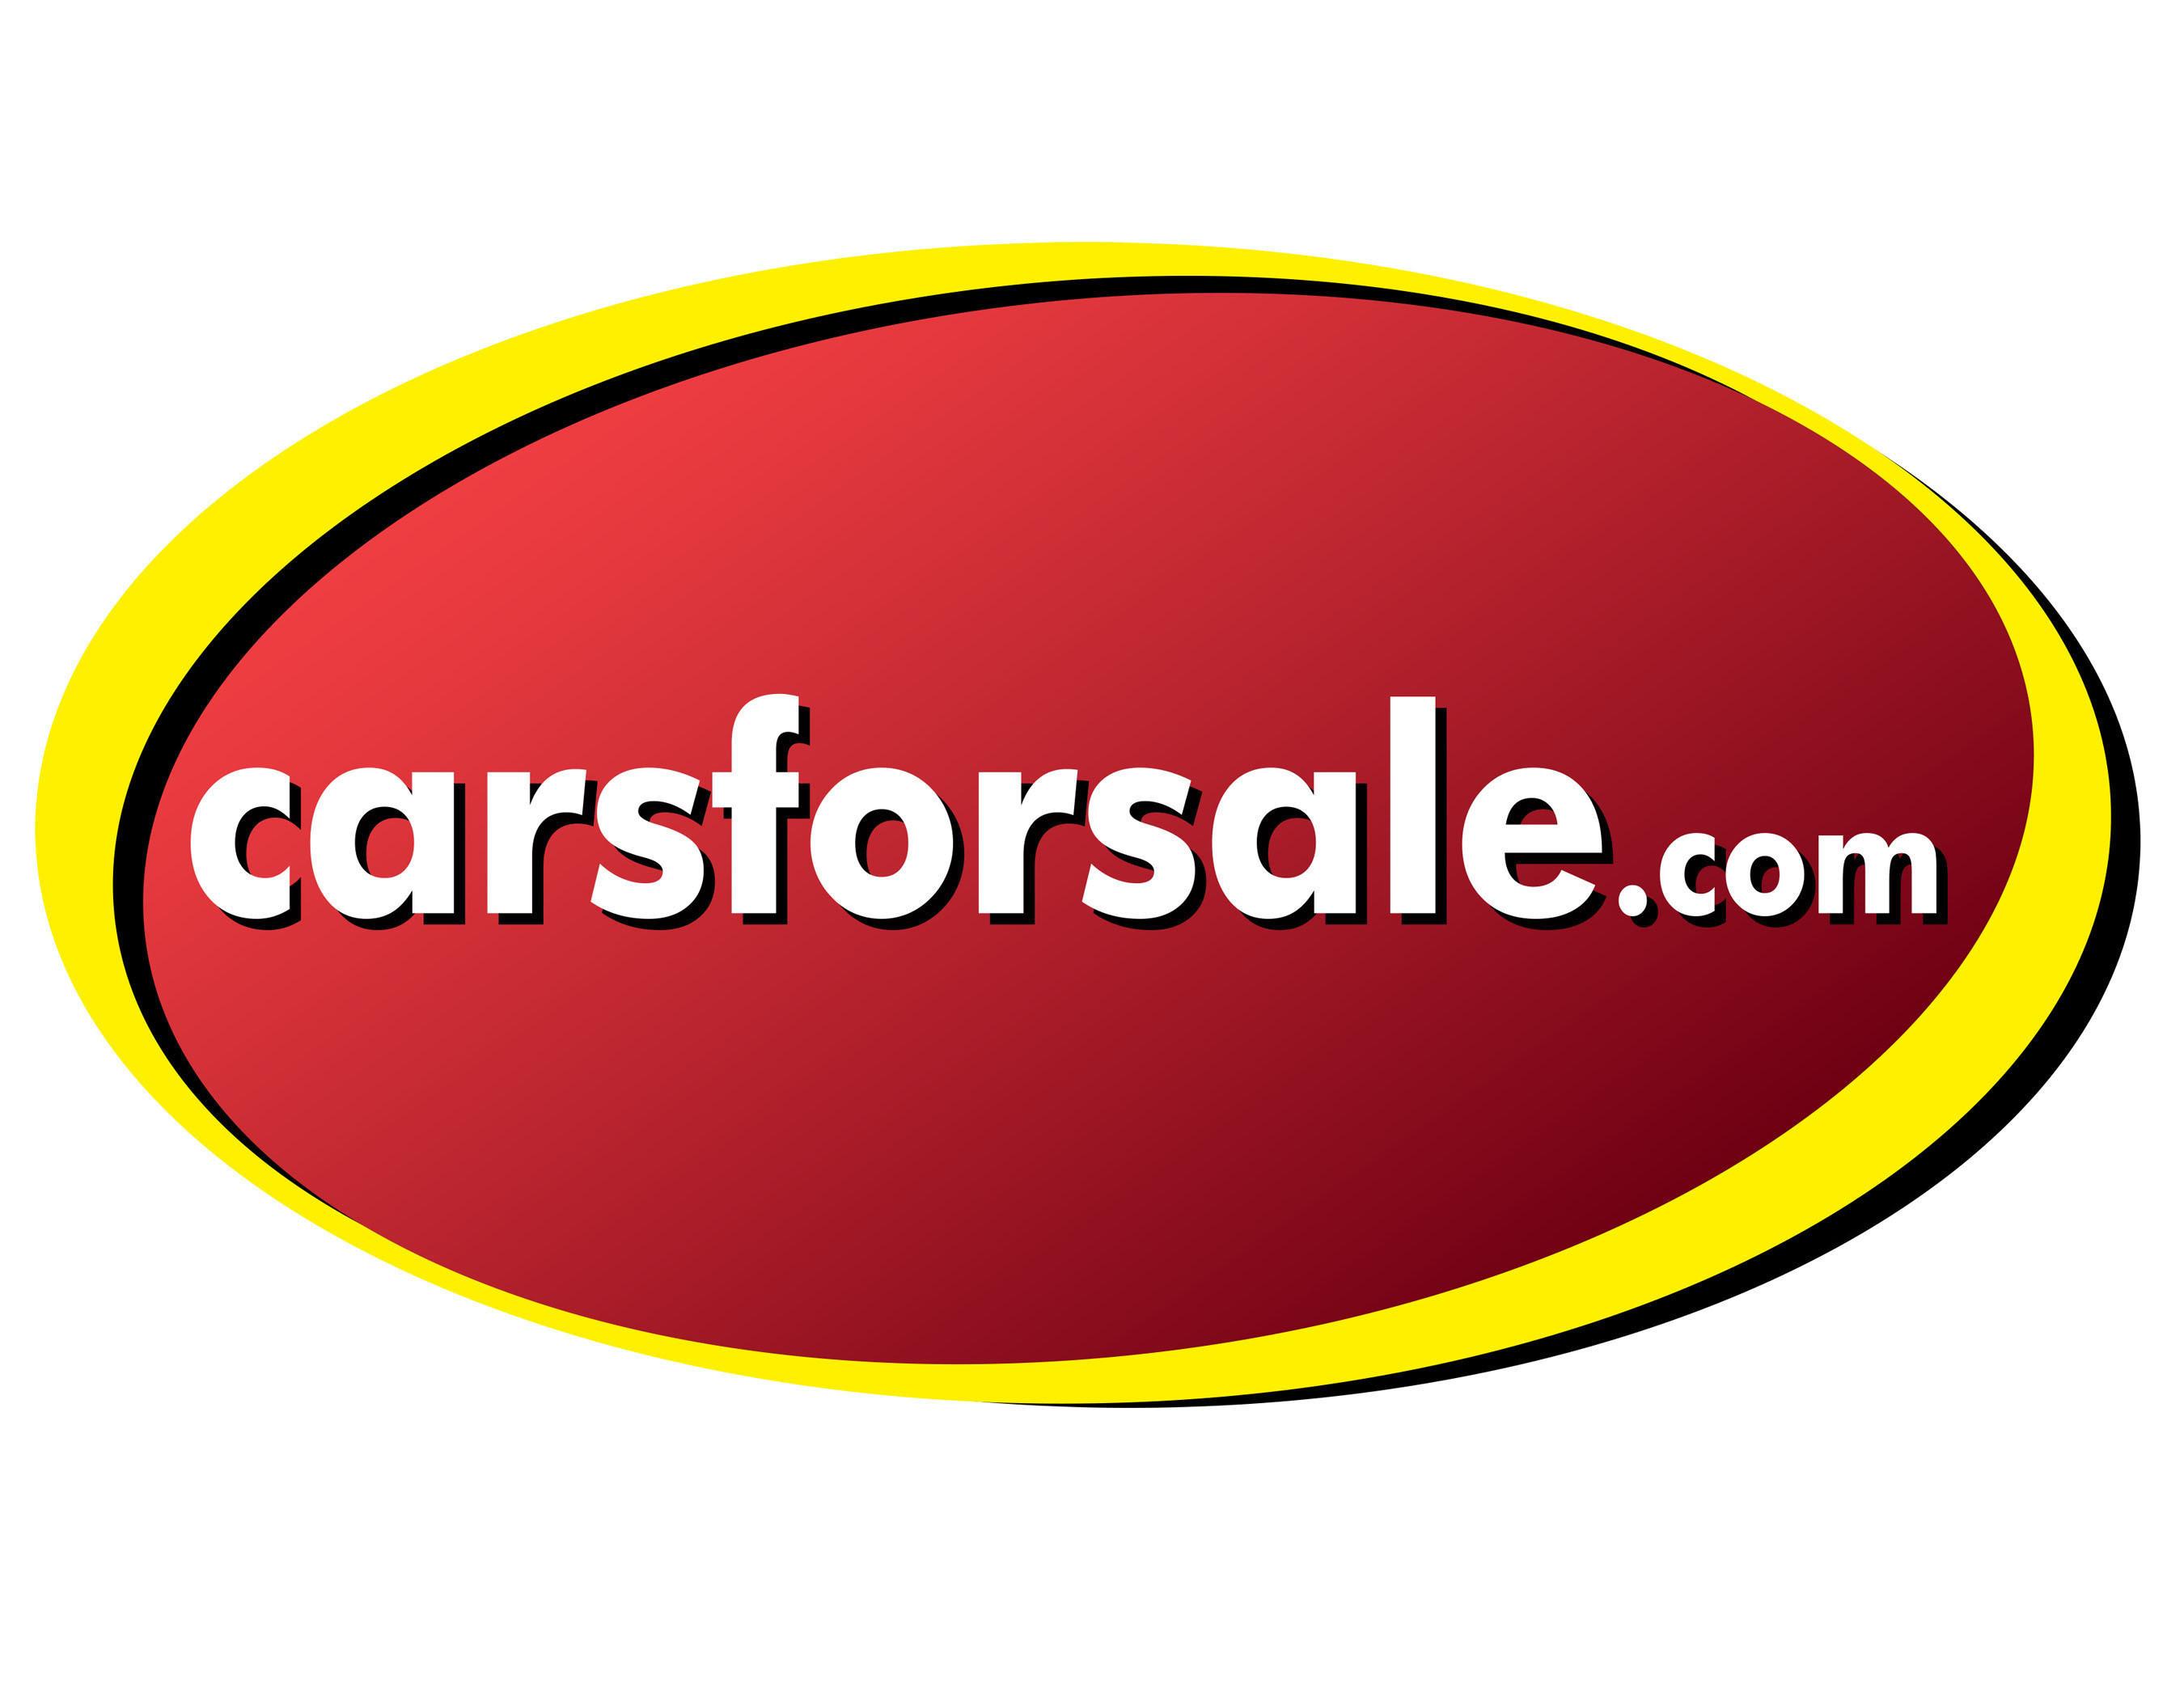 Carsforsale com logo